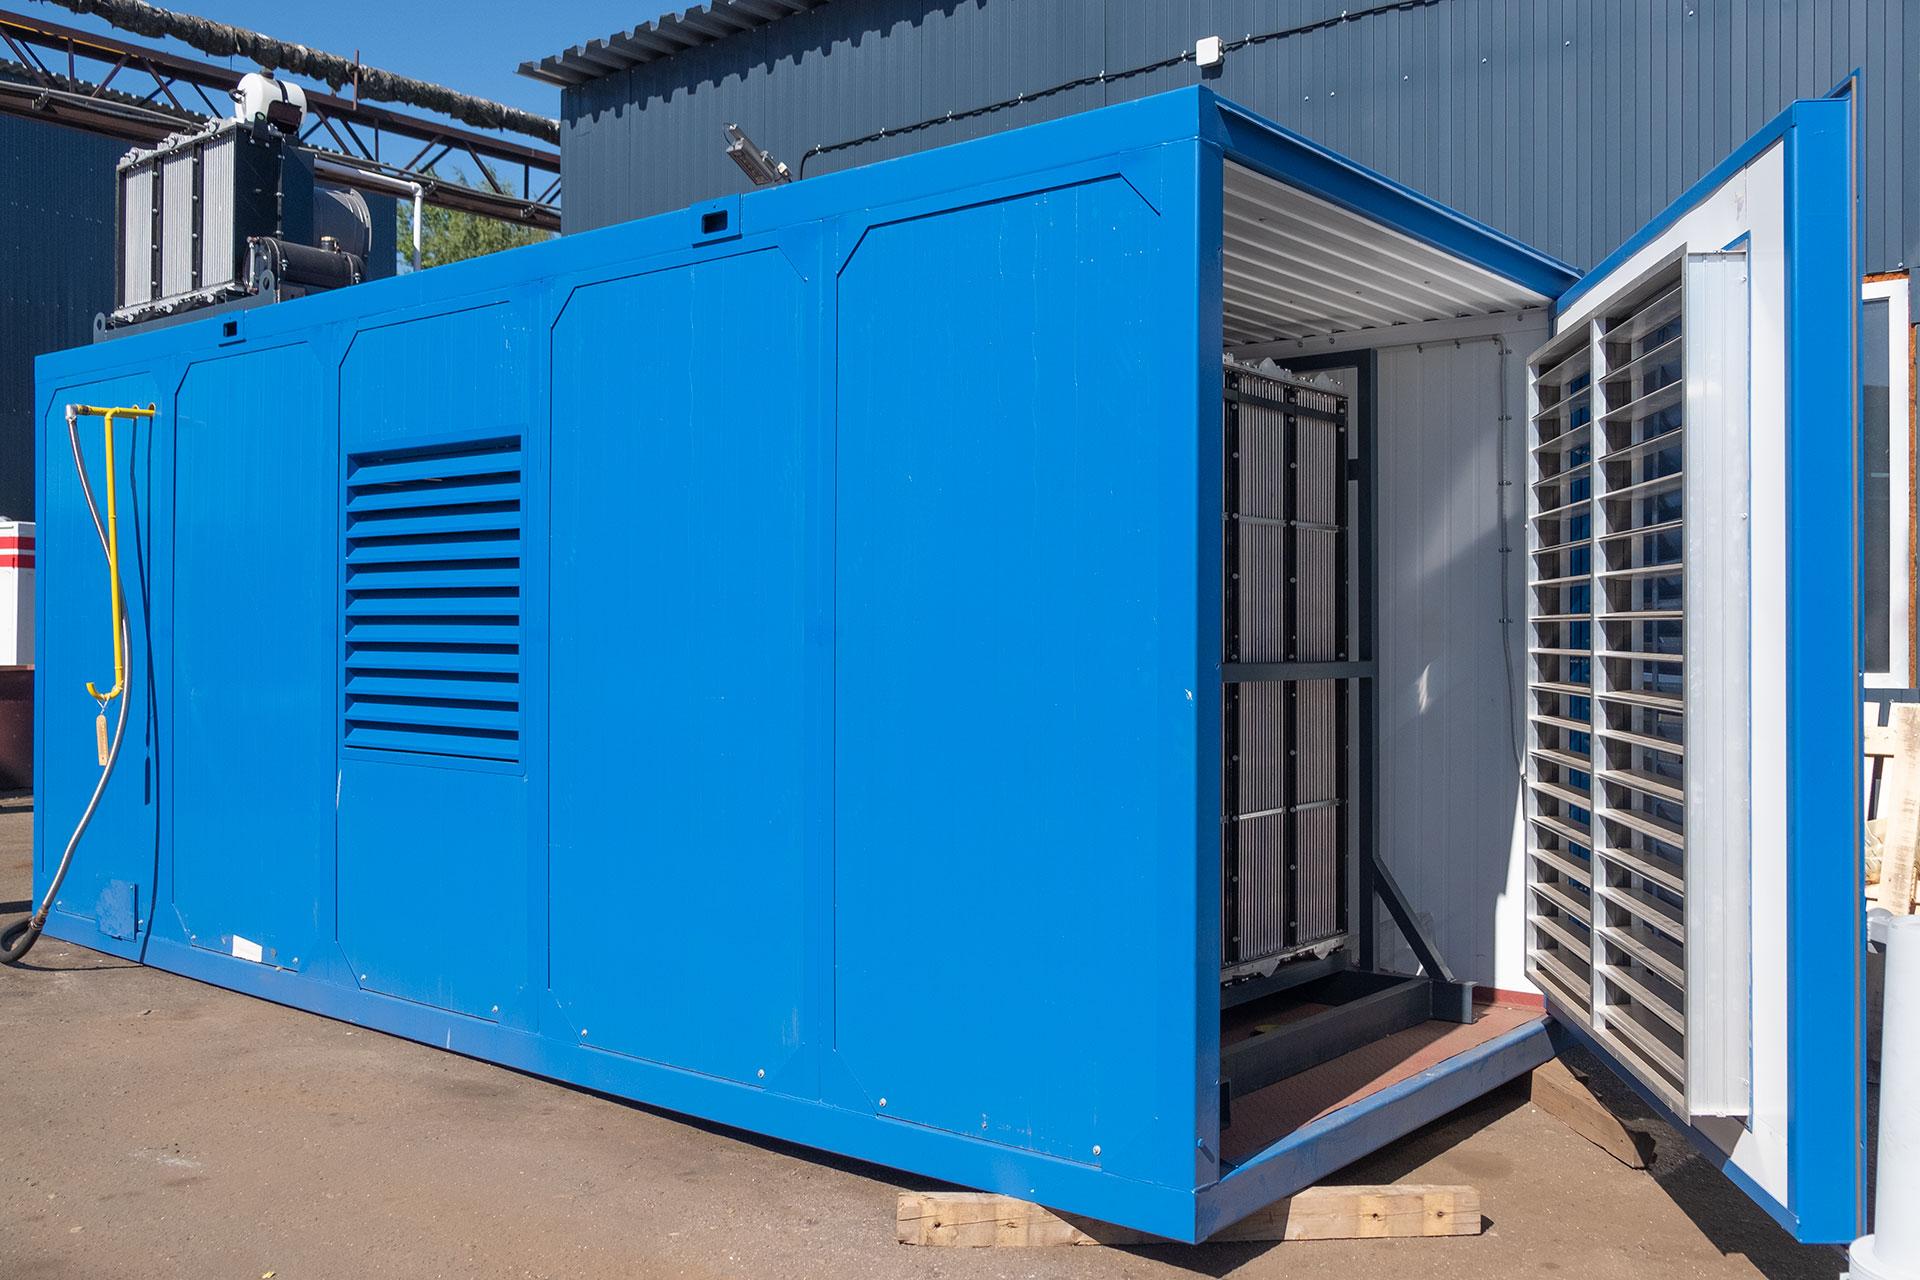 газовая электростанция 2000 квт, гпэс-2000